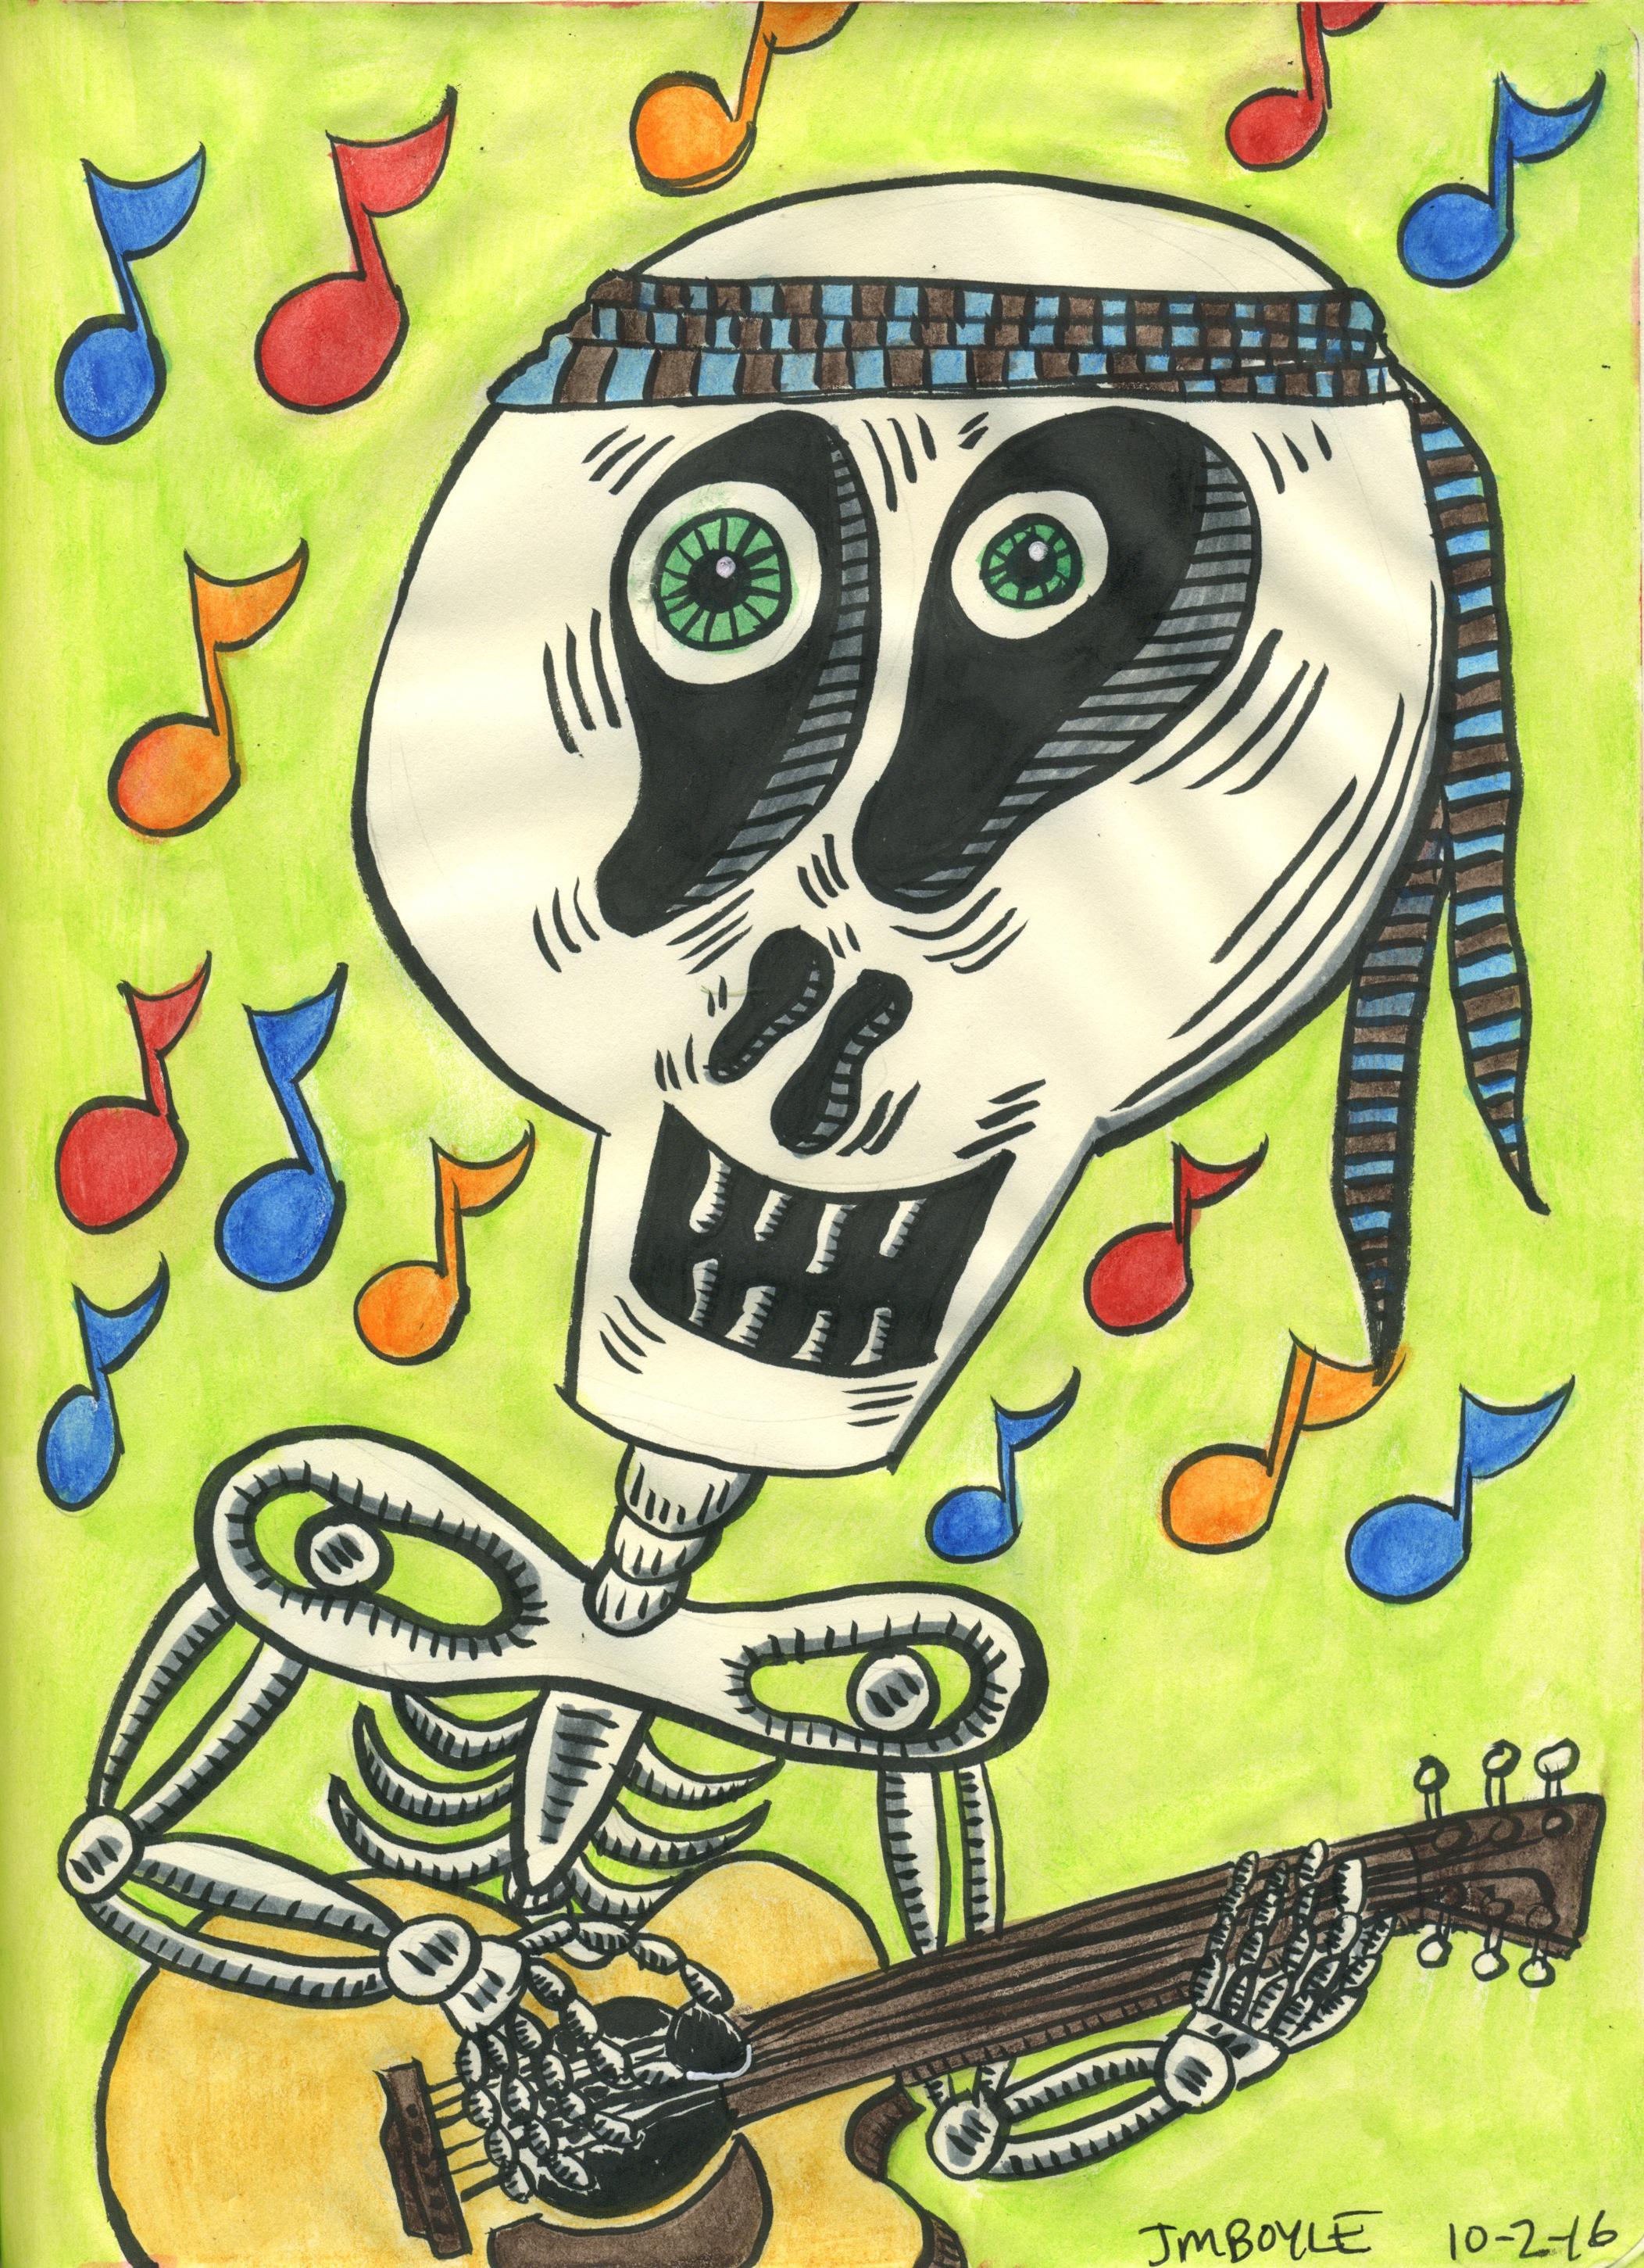 10-2-16_skully_guitar.jpg